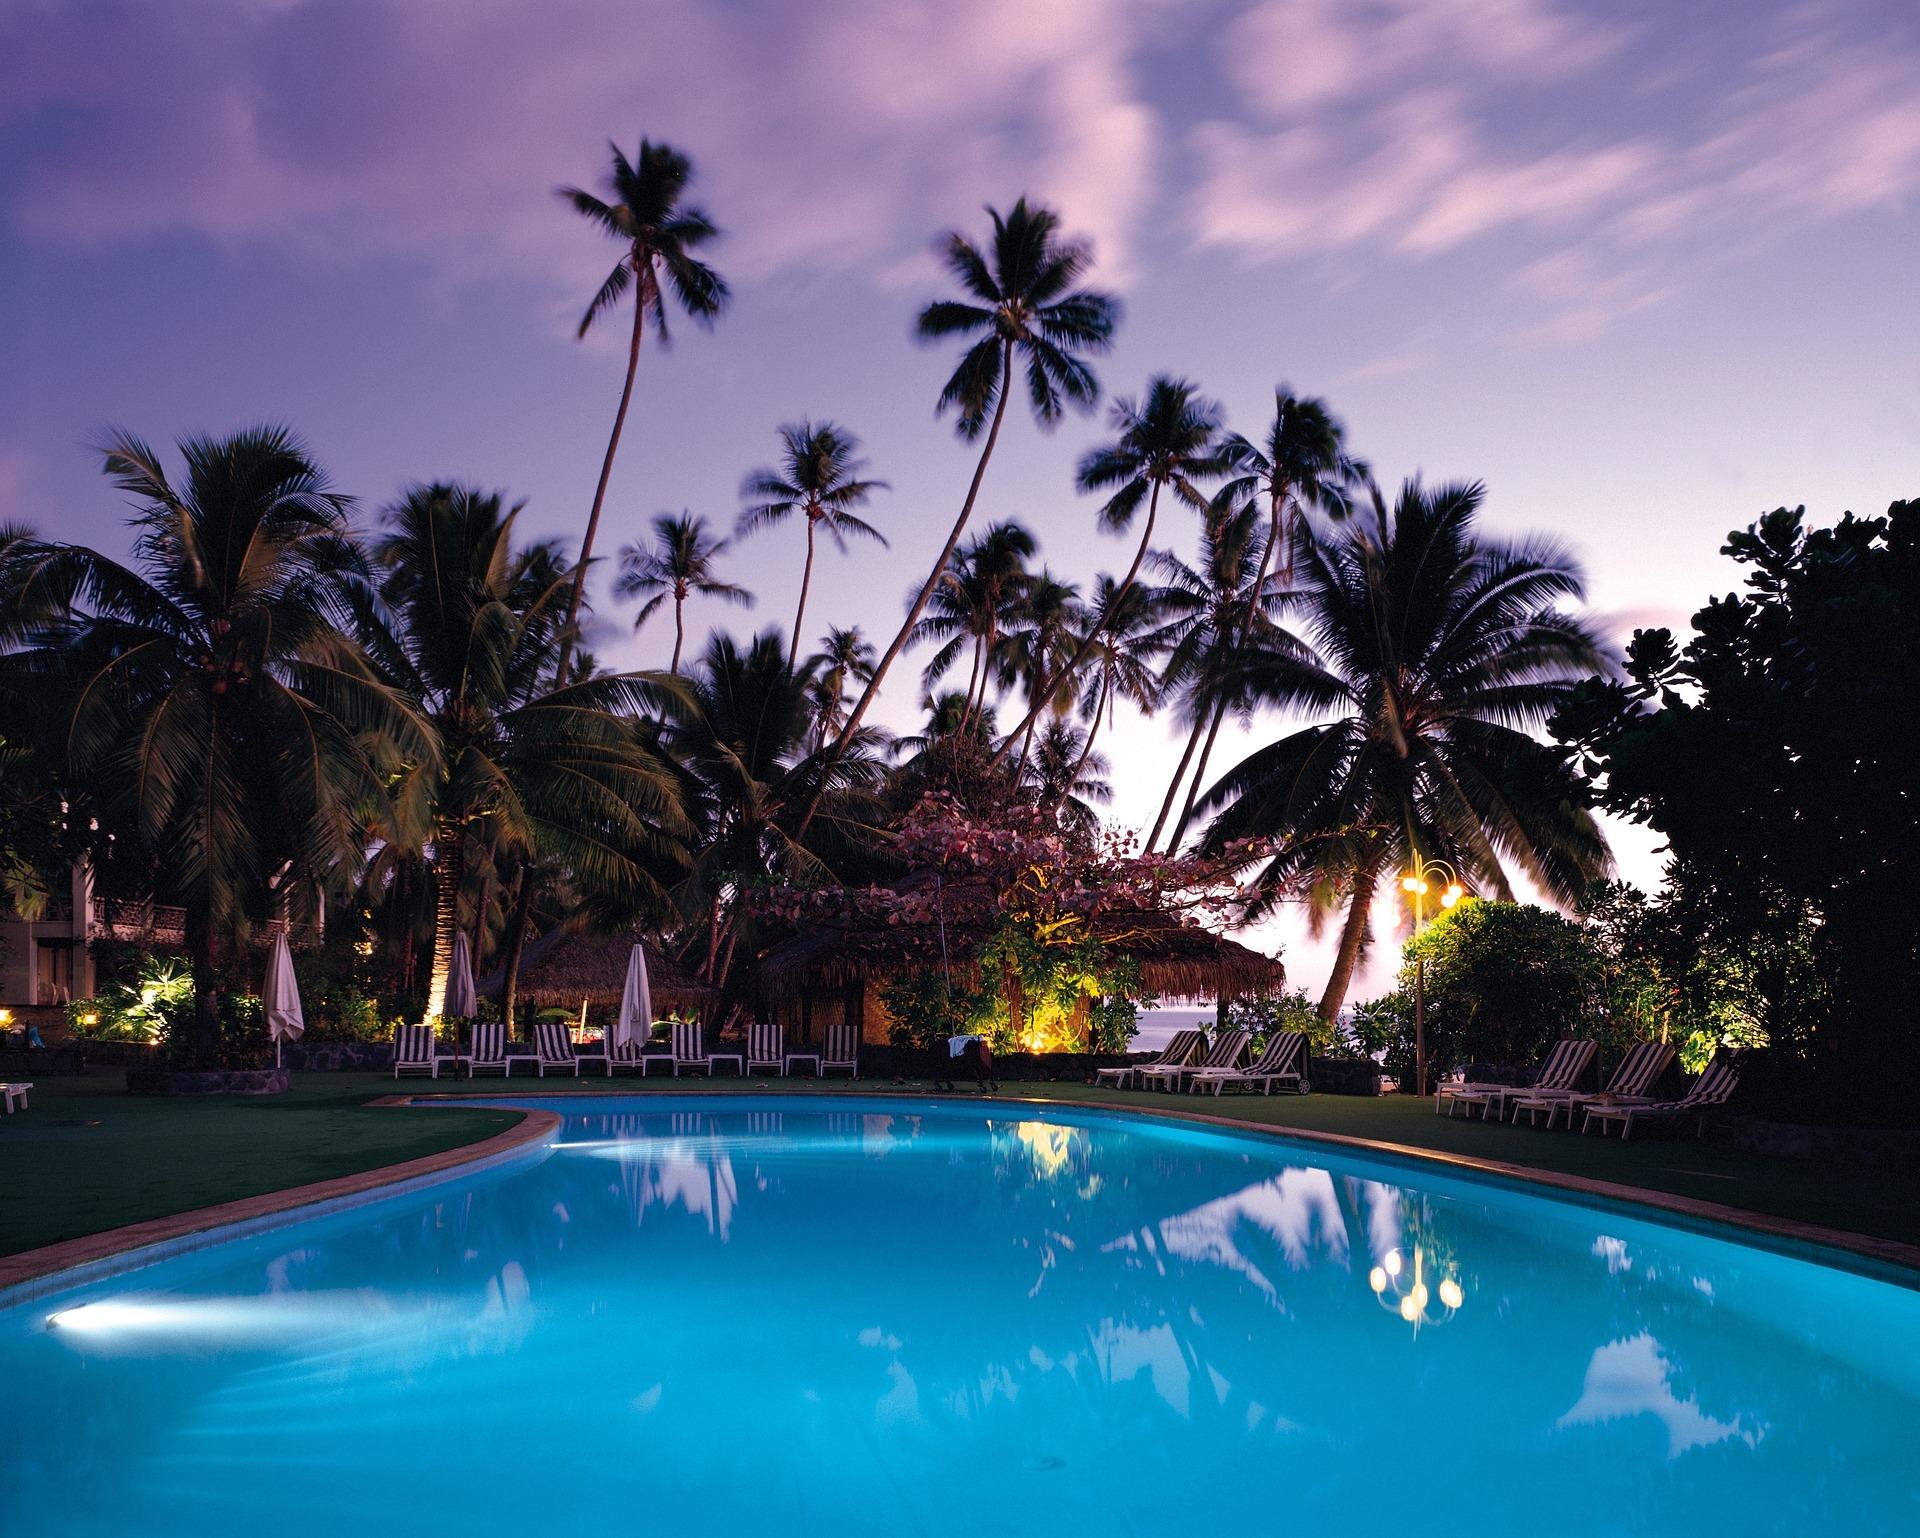 comparatif piscine coque ou beton choisir une piscine coque polyester ou une piscine en